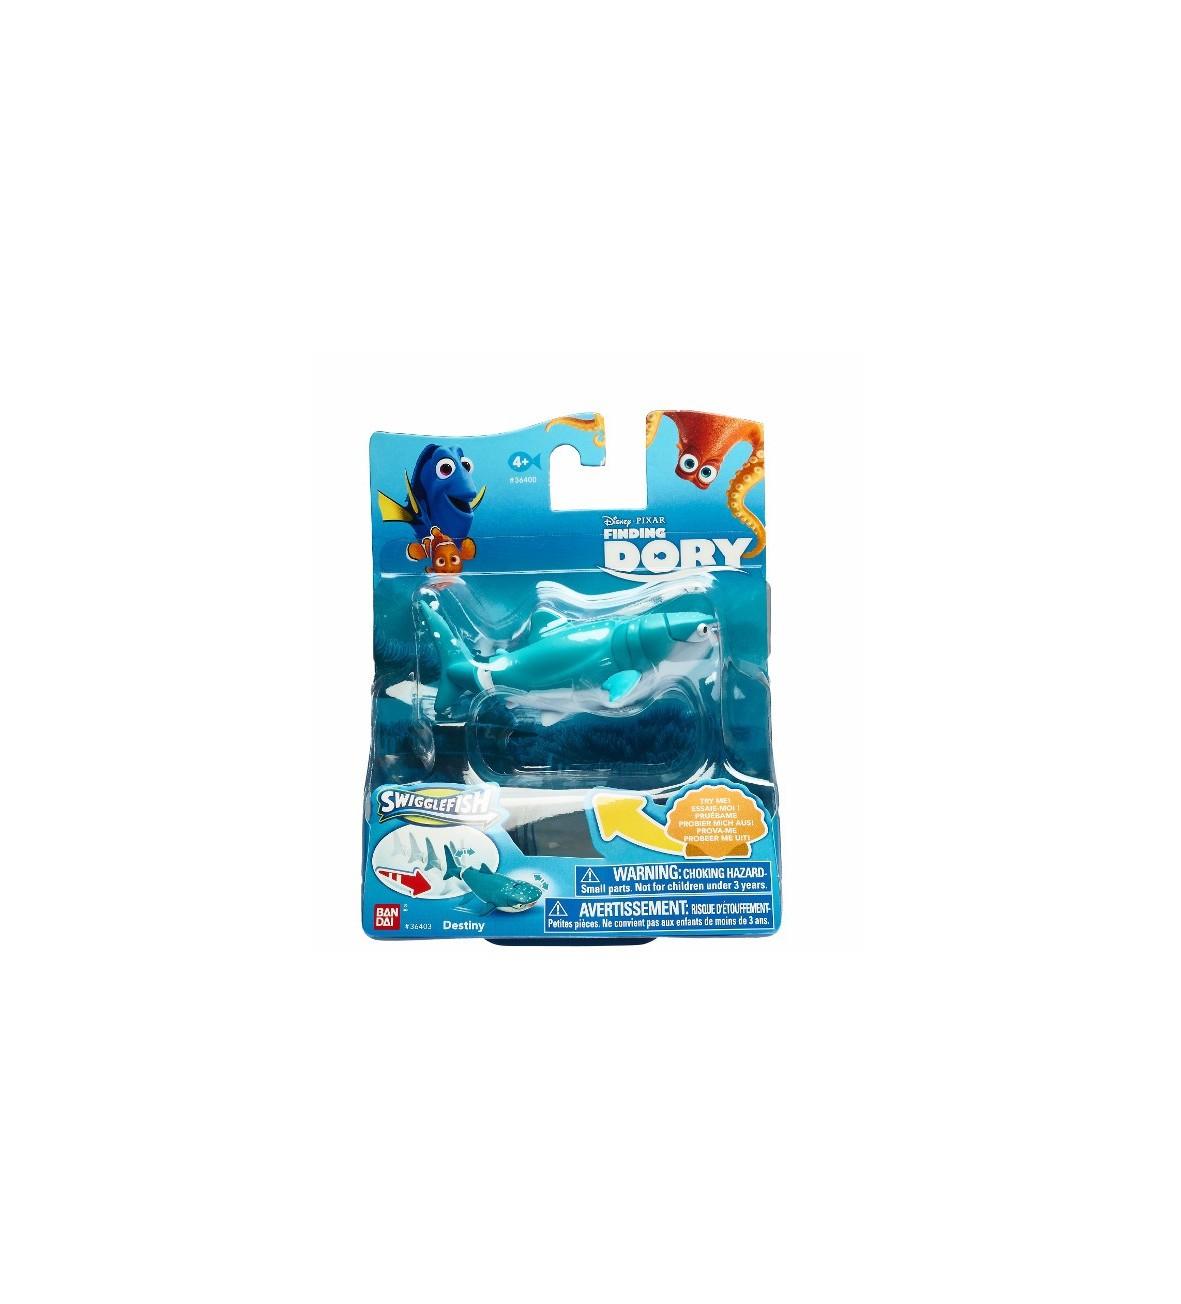 Swigglefish Figurka jeżdząca Destiny 5-8cm